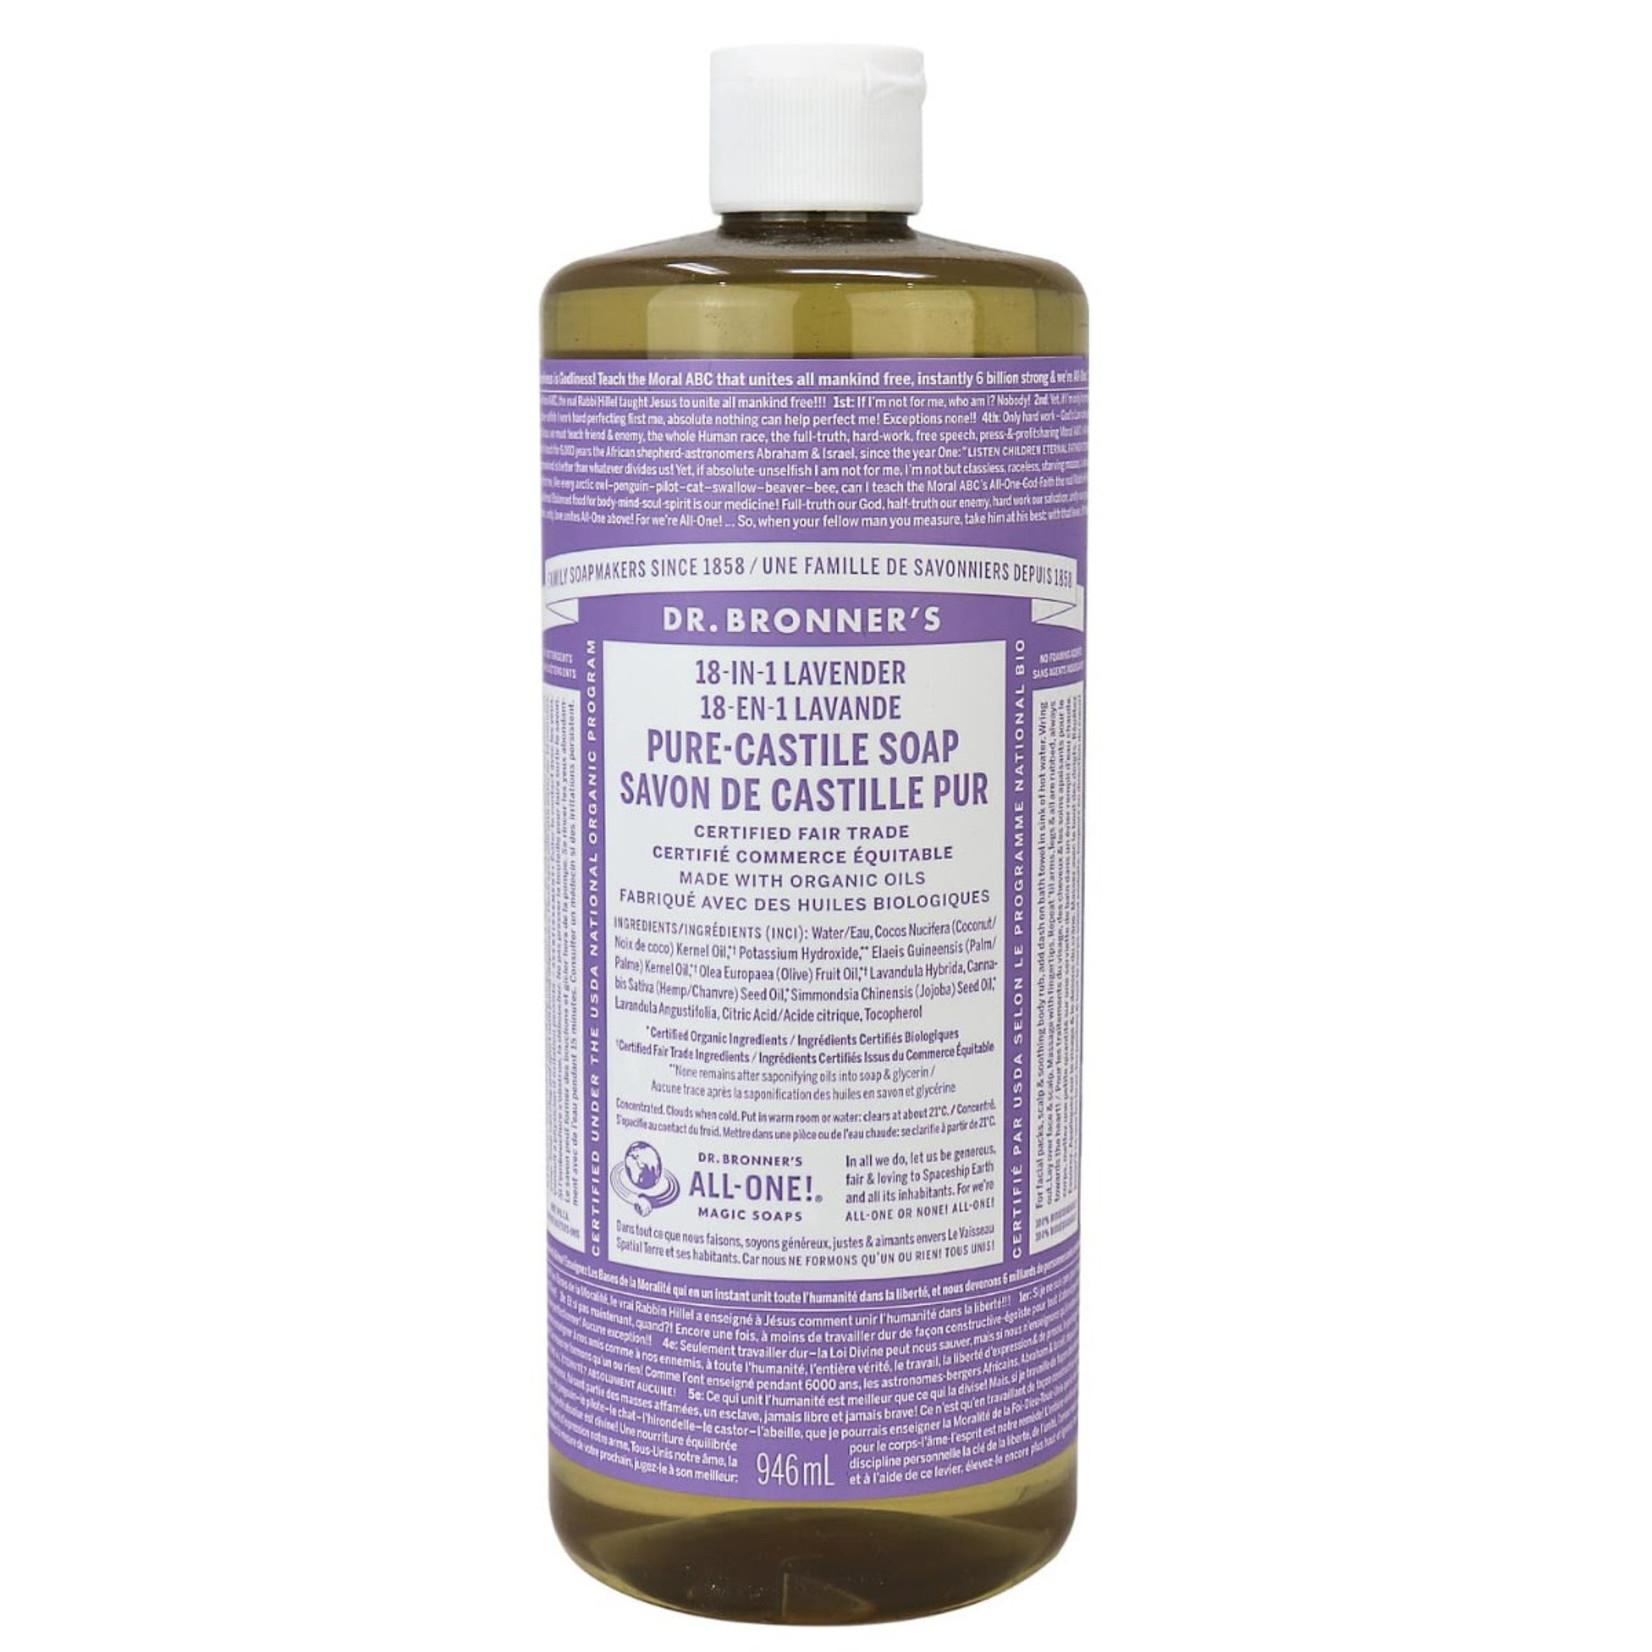 Dr. Bronner's Dr. Bronner's Lavender Castile Soap 946ml